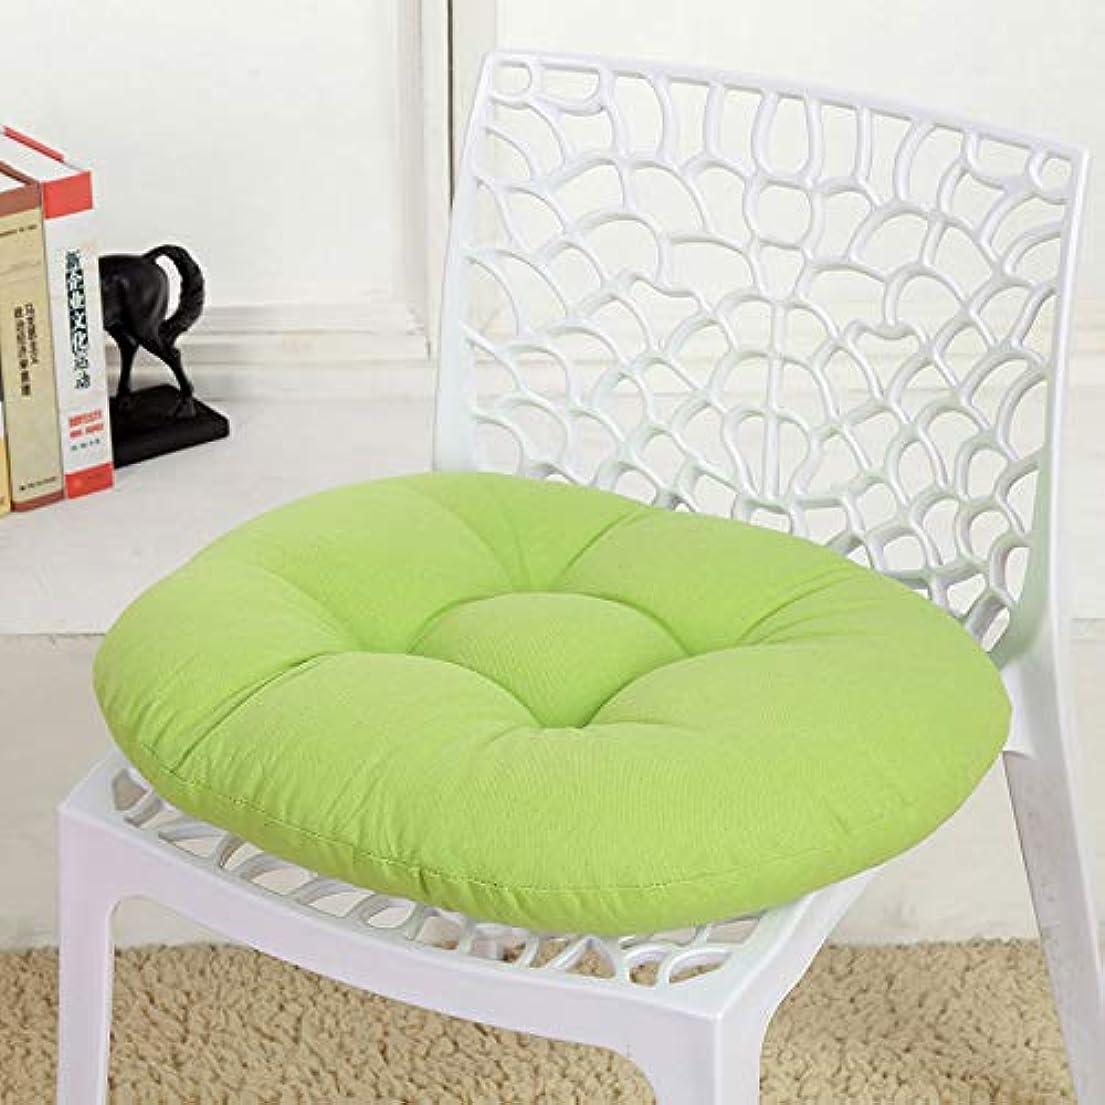 レガシーフィドル喜びSMART キャンディカラーのクッションラウンドシートクッション波ウィンドウシートクッションクッション家の装飾パッドラウンド枕シート枕椅子座る枕 クッション 椅子